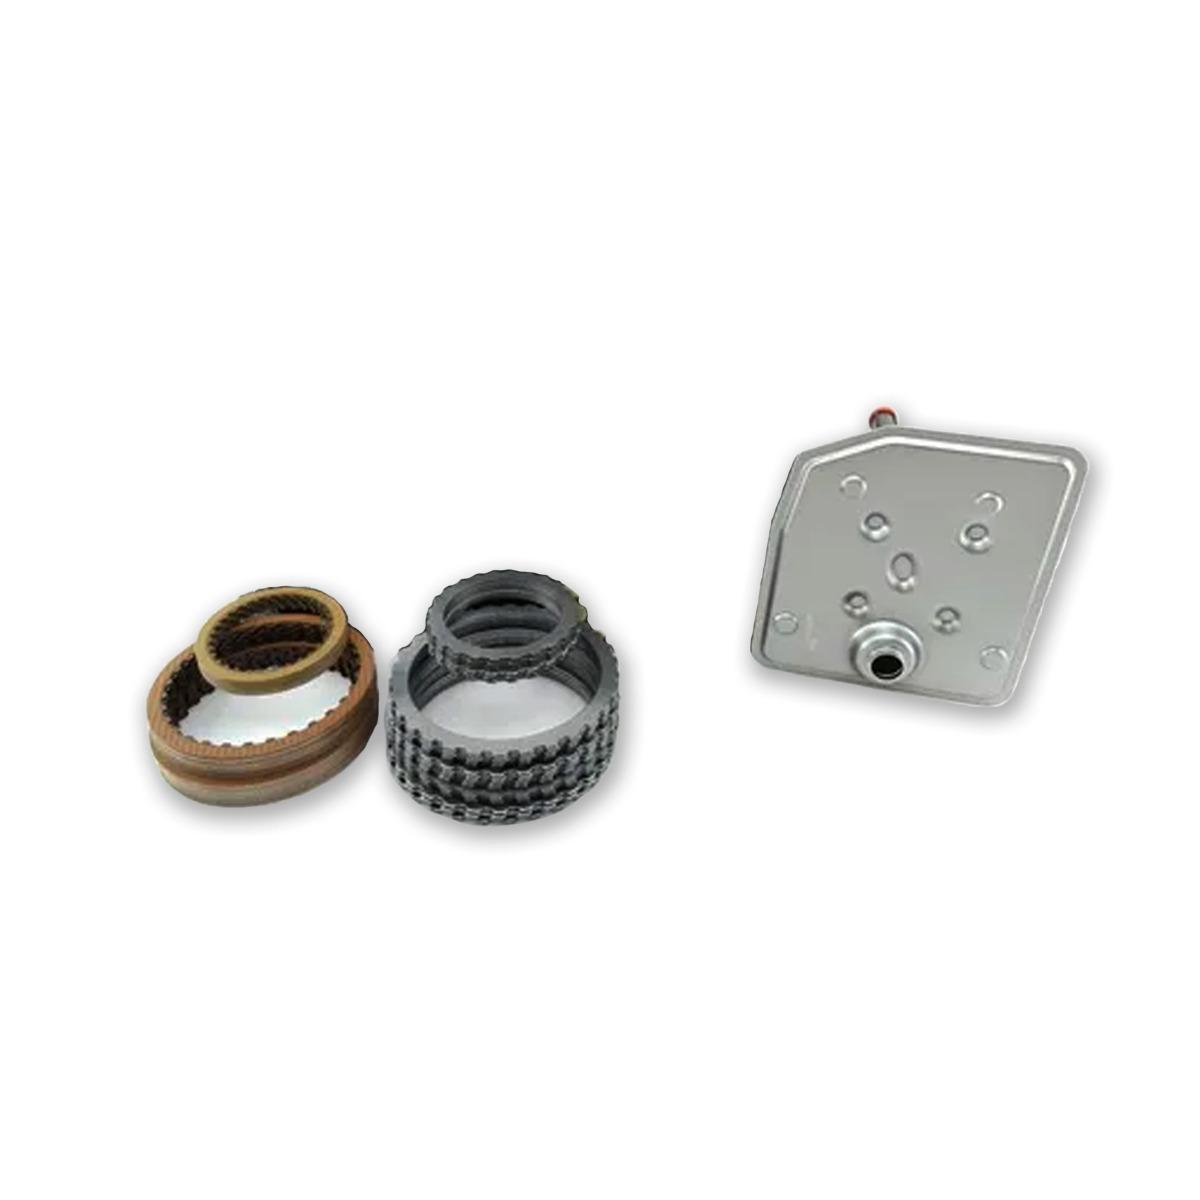 Kit Discos de Composite E Aço Com Filtro Cambio Automático 6r80 Ford Ranger 3.2